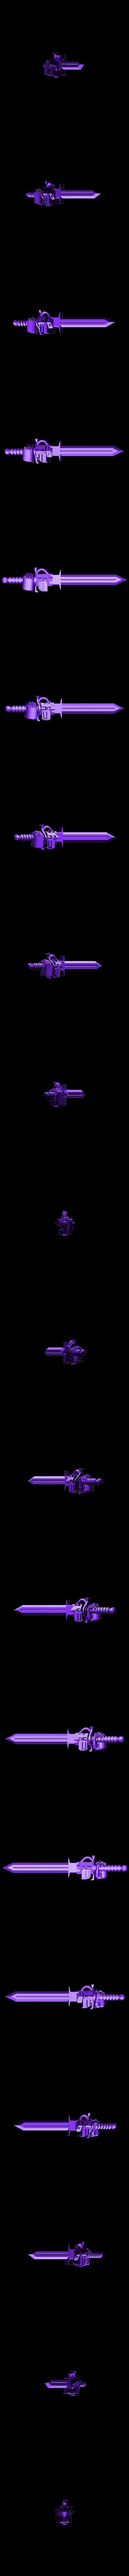 Greatsword L.stl Télécharger fichier STL gratuit L'équipe des Chevaliers gris Primaris • Modèle pour imprimante 3D, joeldawson93